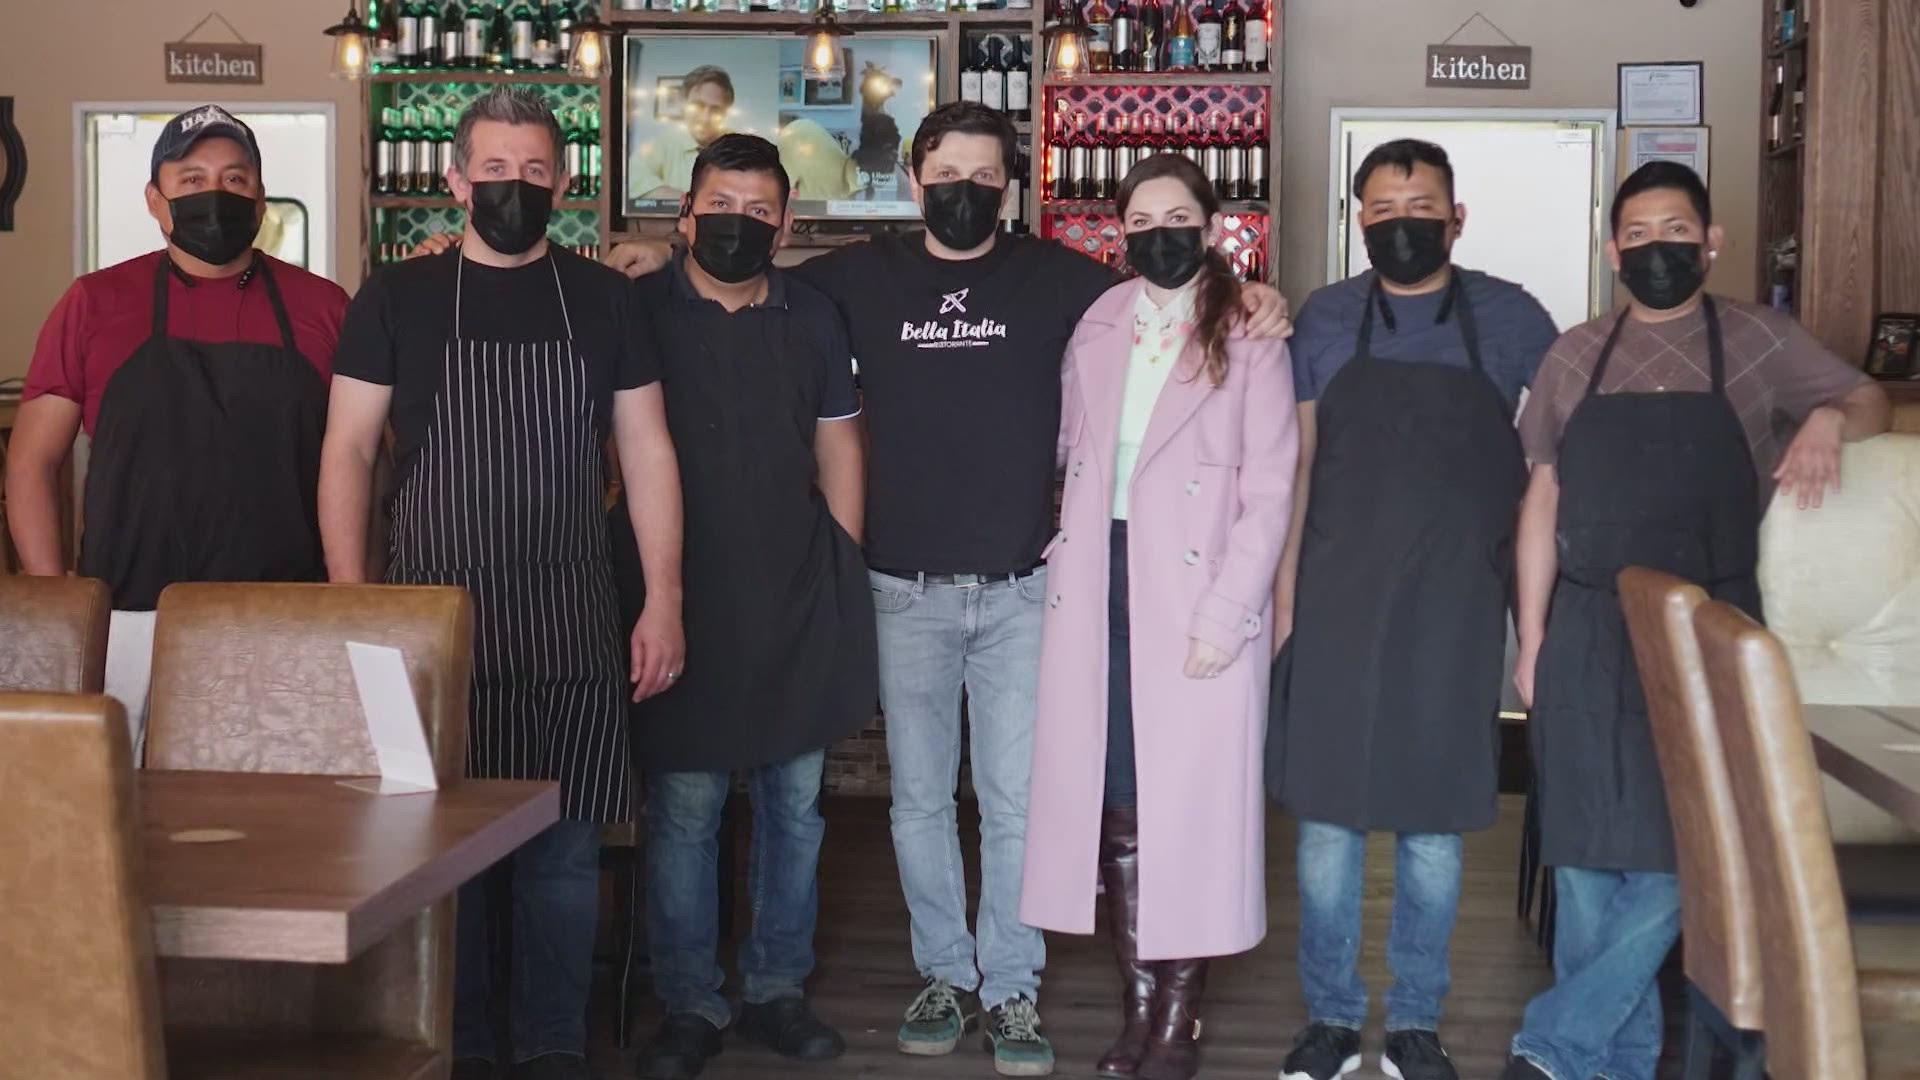 Bella Italia Ristorant staff